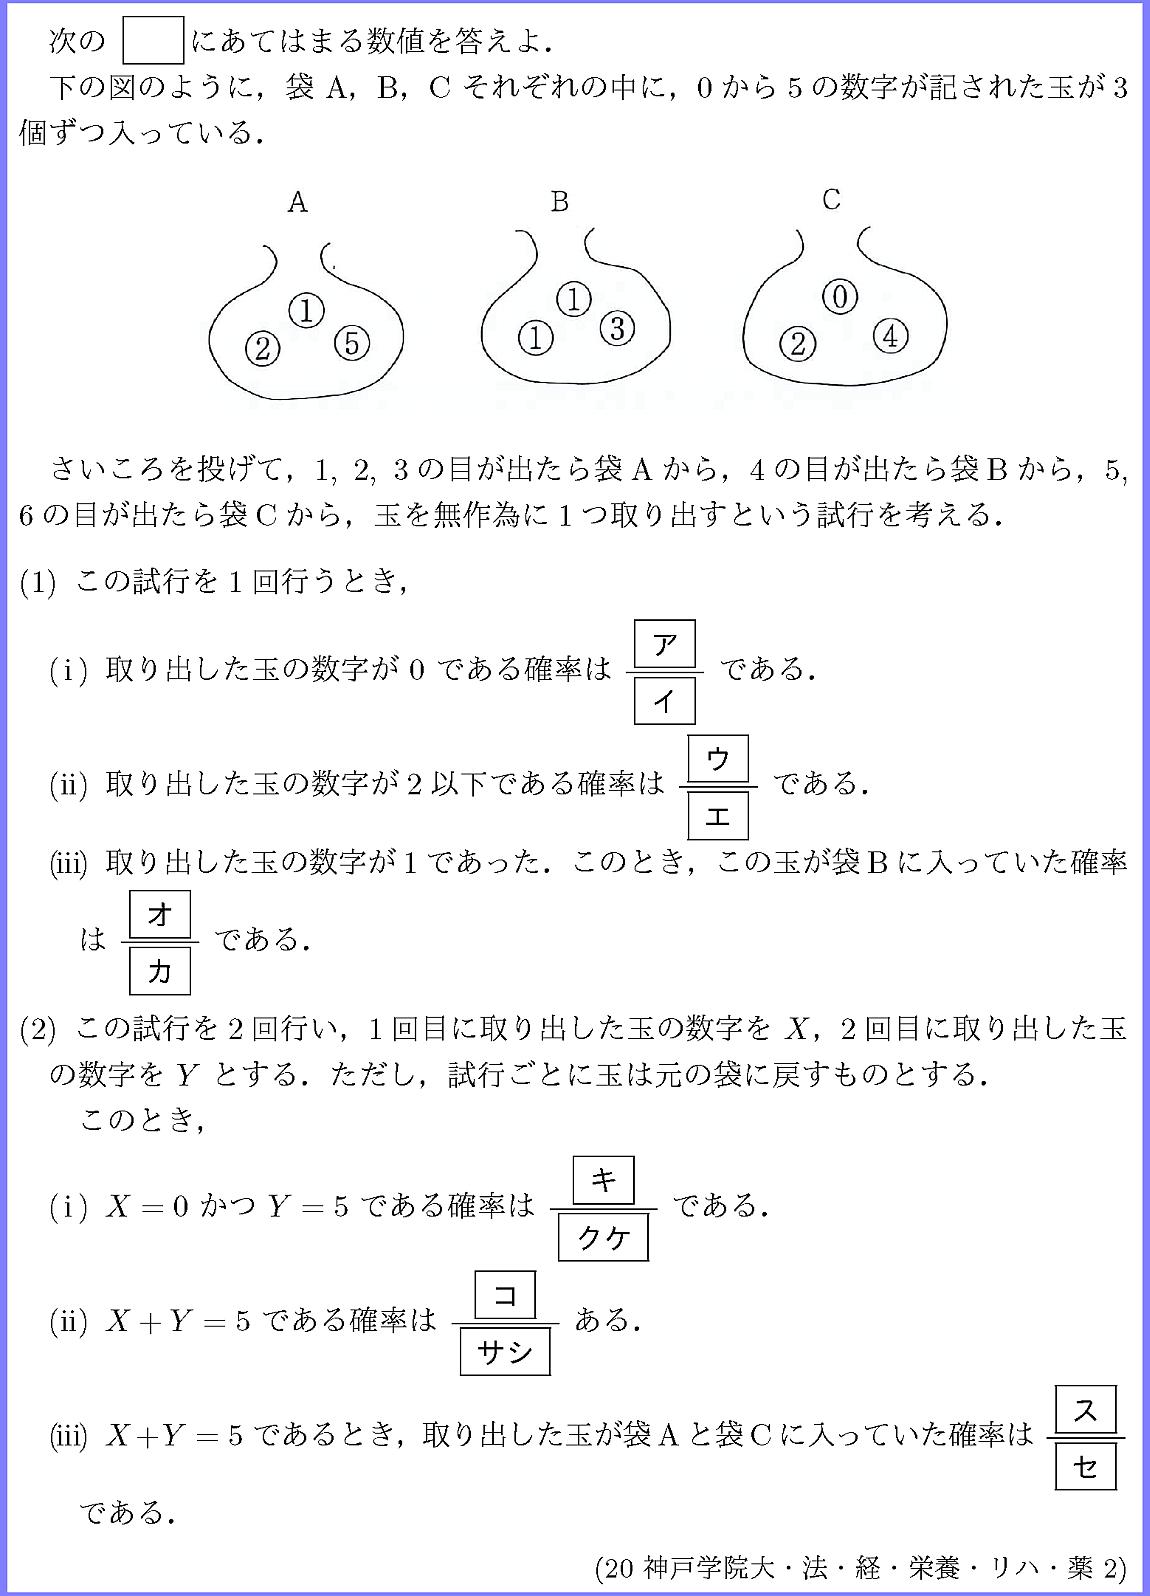 20神戸学院大・法・経・栄養・リハ・薬2